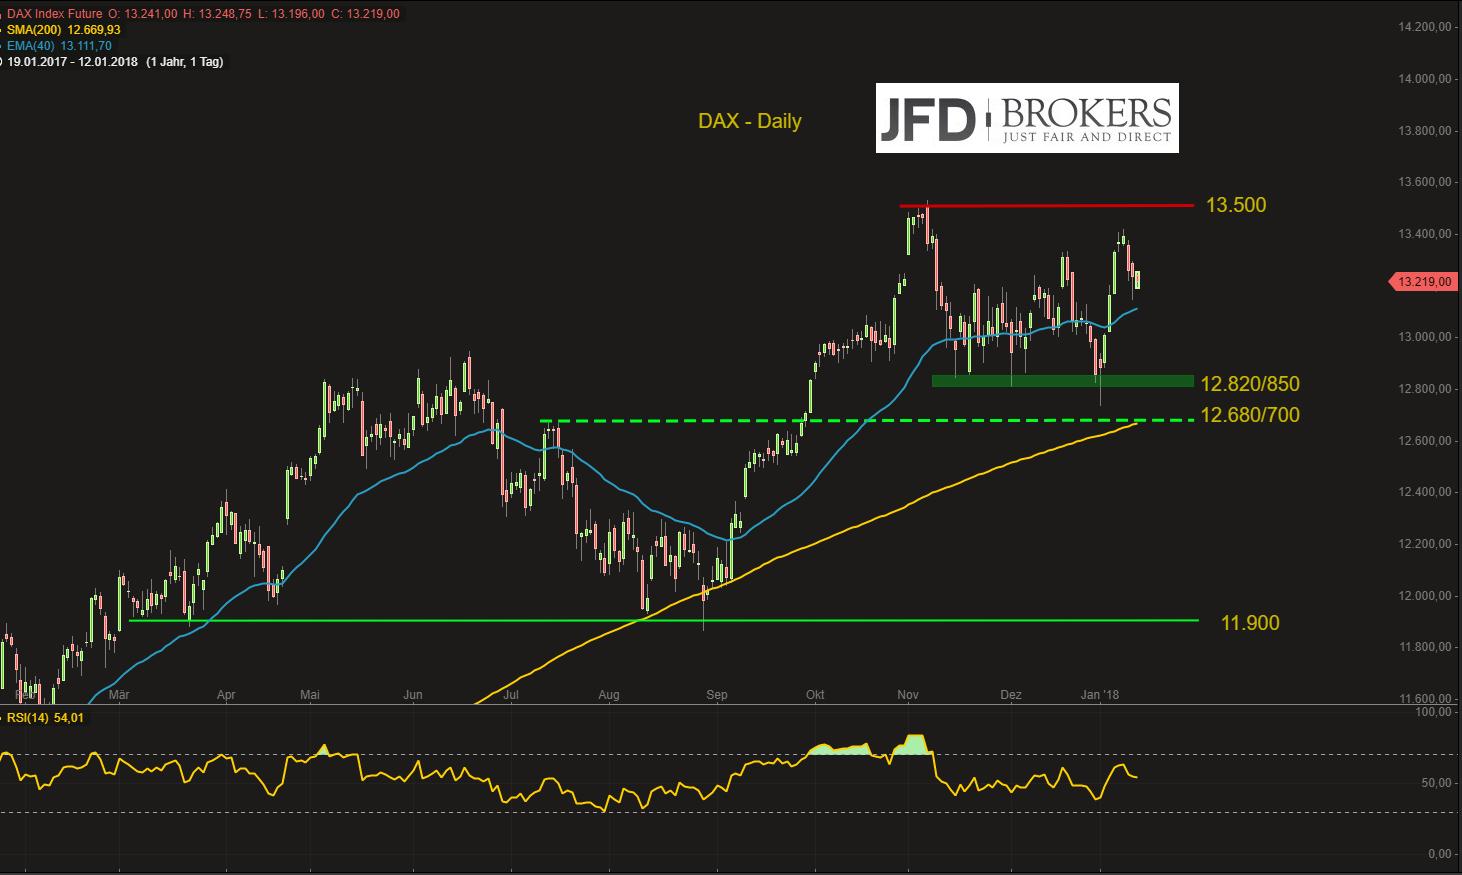 DAX-Bären-kommende-Woche-in-Lauerstellung-aber-oberhalb-von-12-700-neutral-Kommentar-JFD-Brokers-GodmodeTrader.de-2